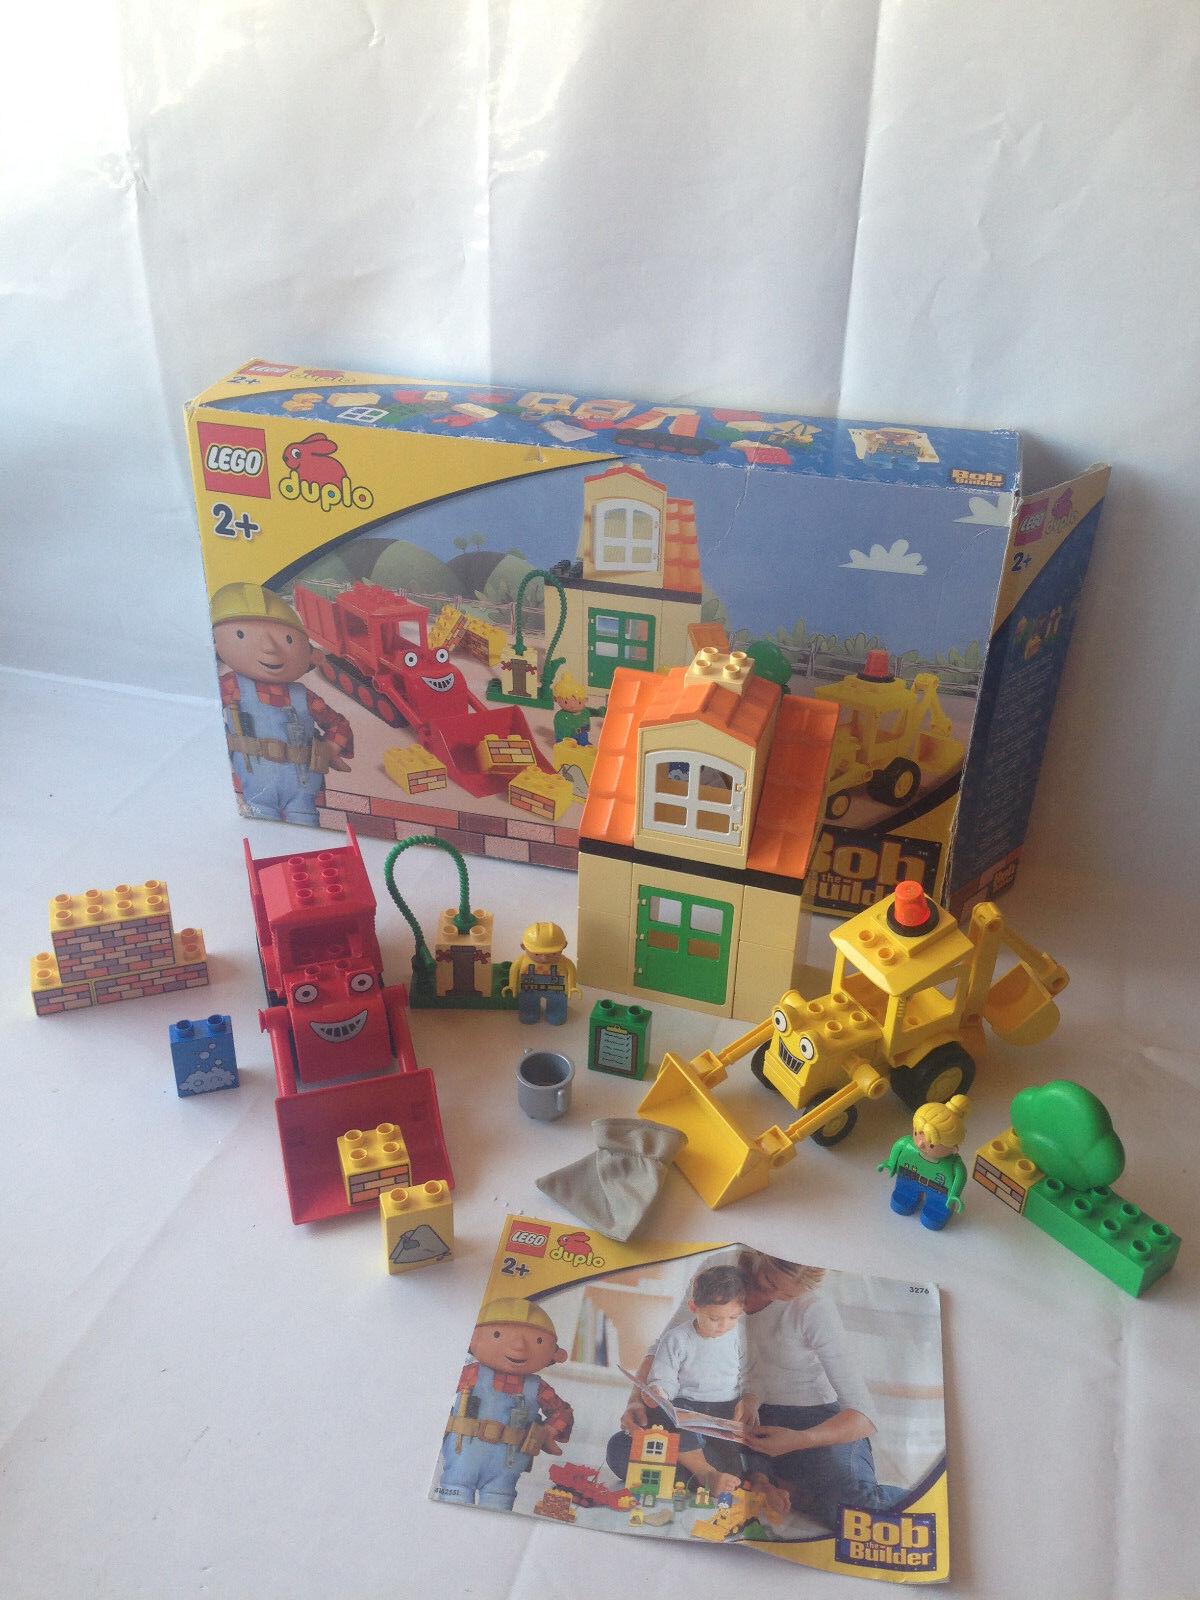 Lego Duplo Bob der Baumeister - Explore Set 3276 - Taschegi & Buddel Waschtag + OVP